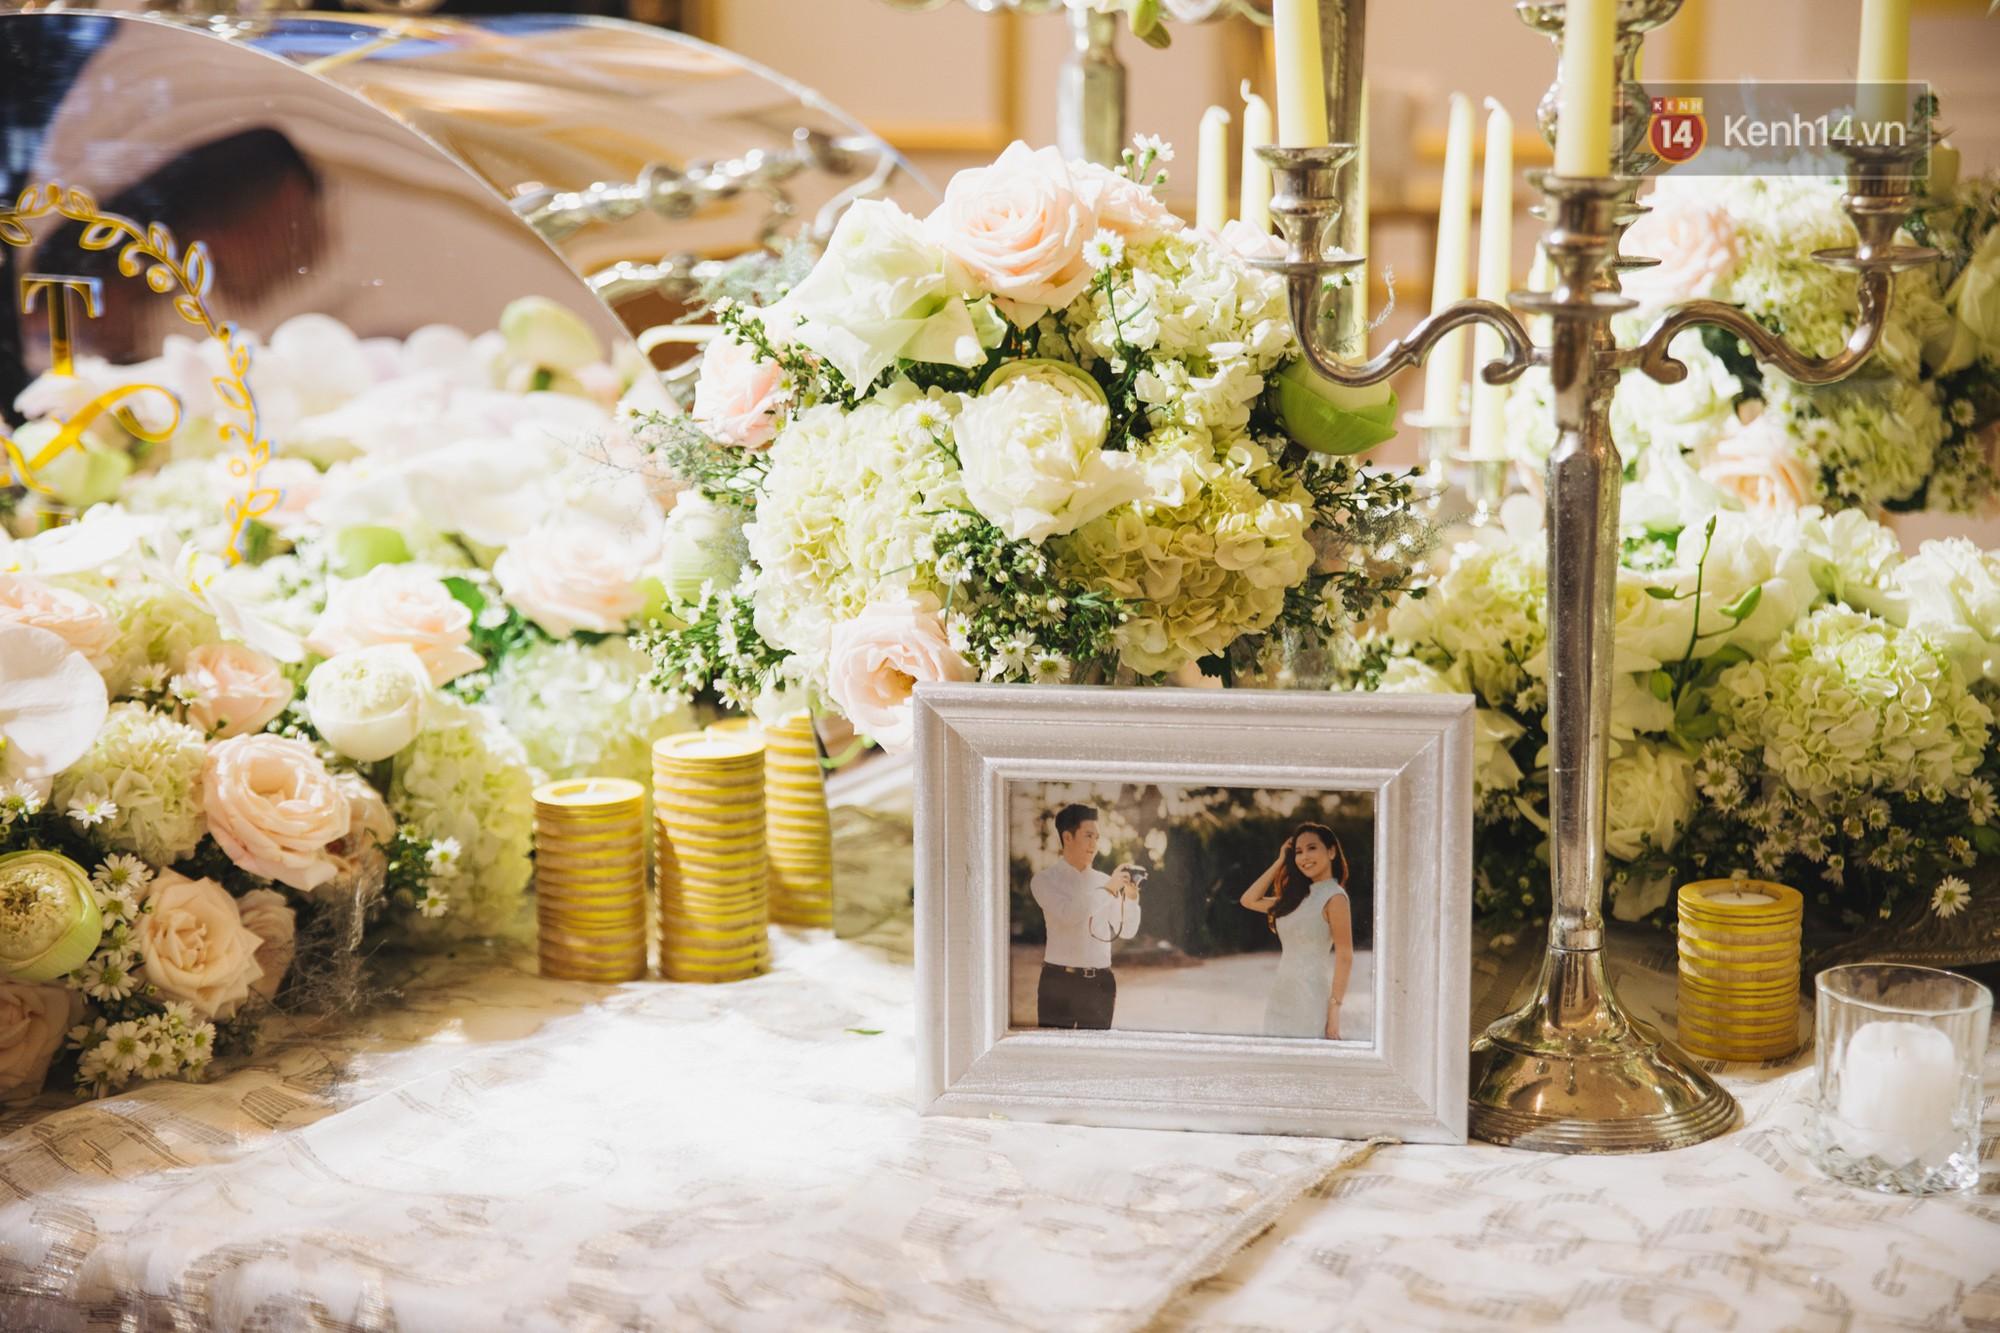 Dù rất hồi hộp, Lê Hiếu vẫn kịp nhắn đến bà xã lời hứa ngọt ngào trong đám cưới-5